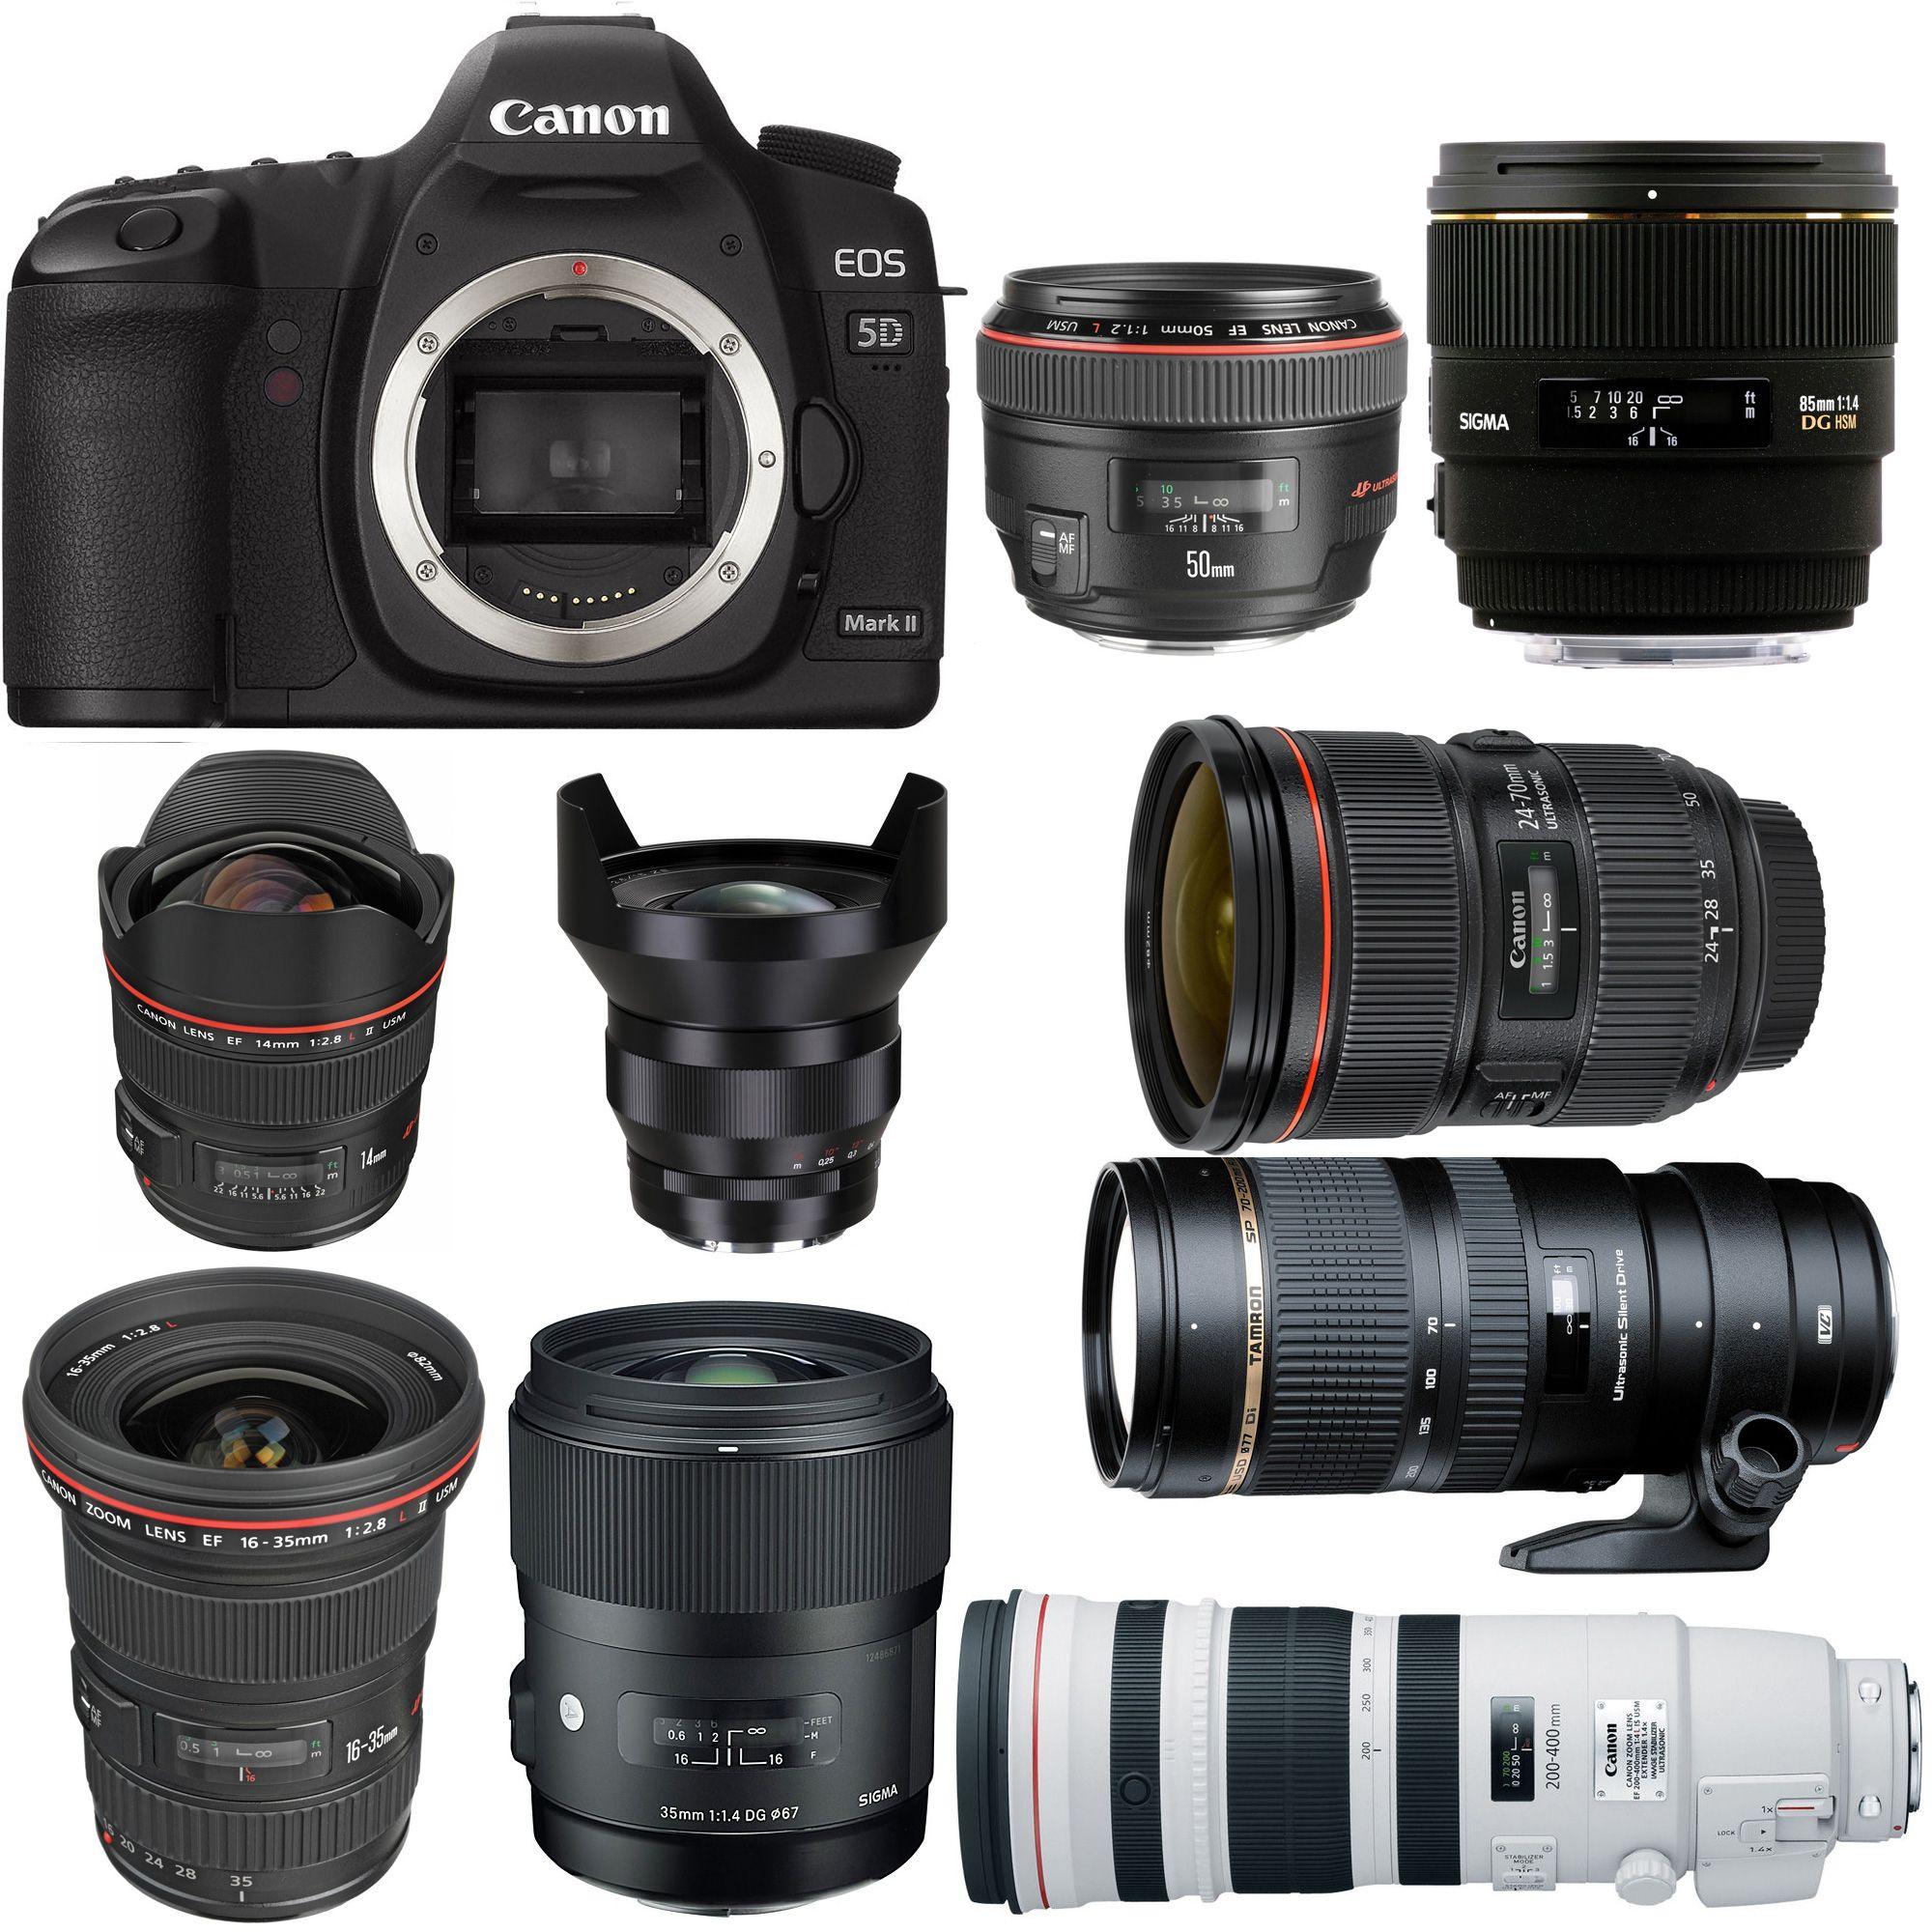 Best Lenses For Canon Eos 5d Mark Ii Dslr Photography Tips